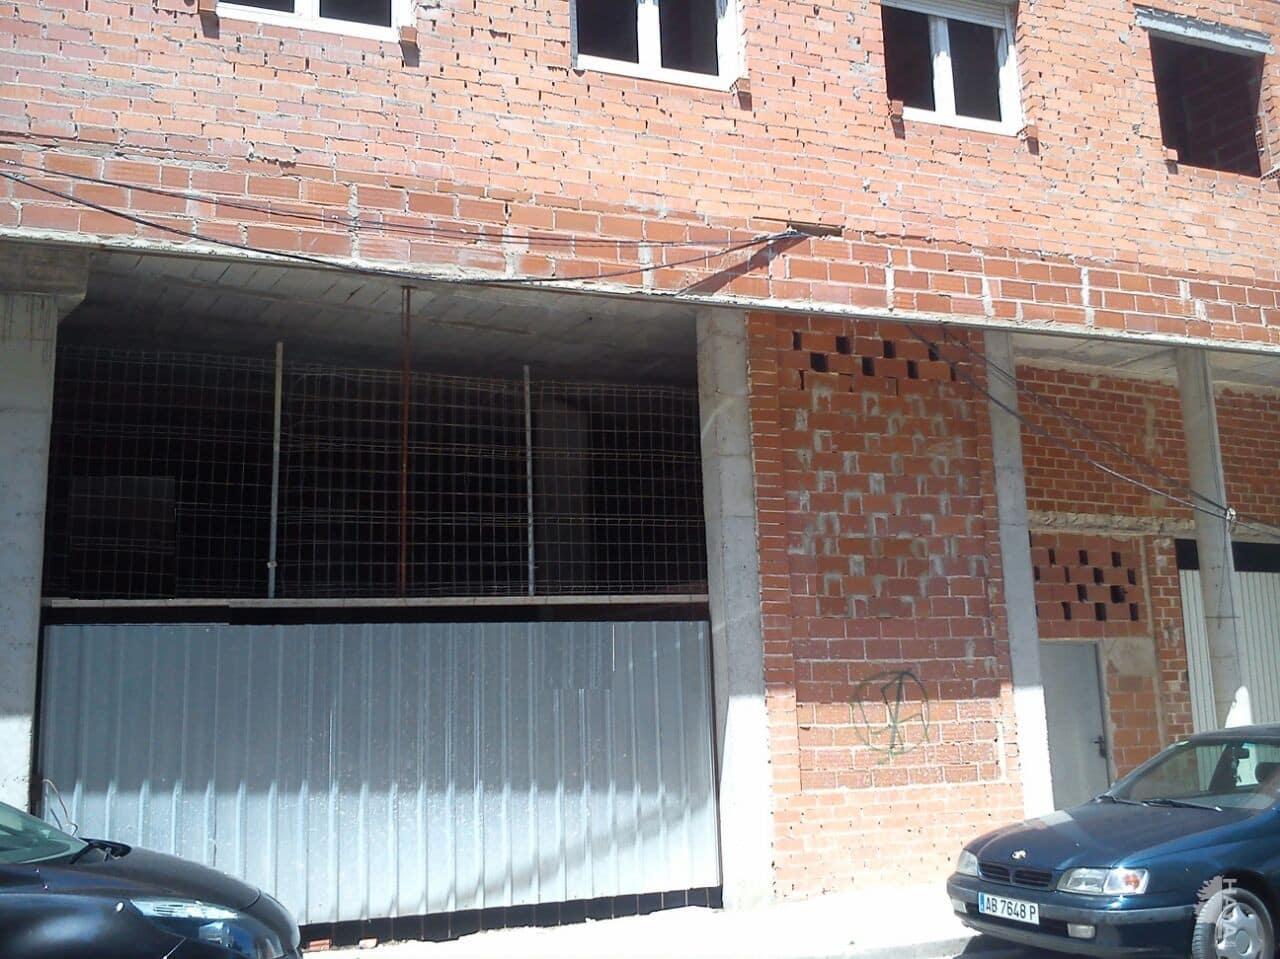 Piso en venta en La Roda, la Roda, Albacete, Calle Juan Garcia Glz, 58.800 €, 1 habitación, 1 baño, 135 m2